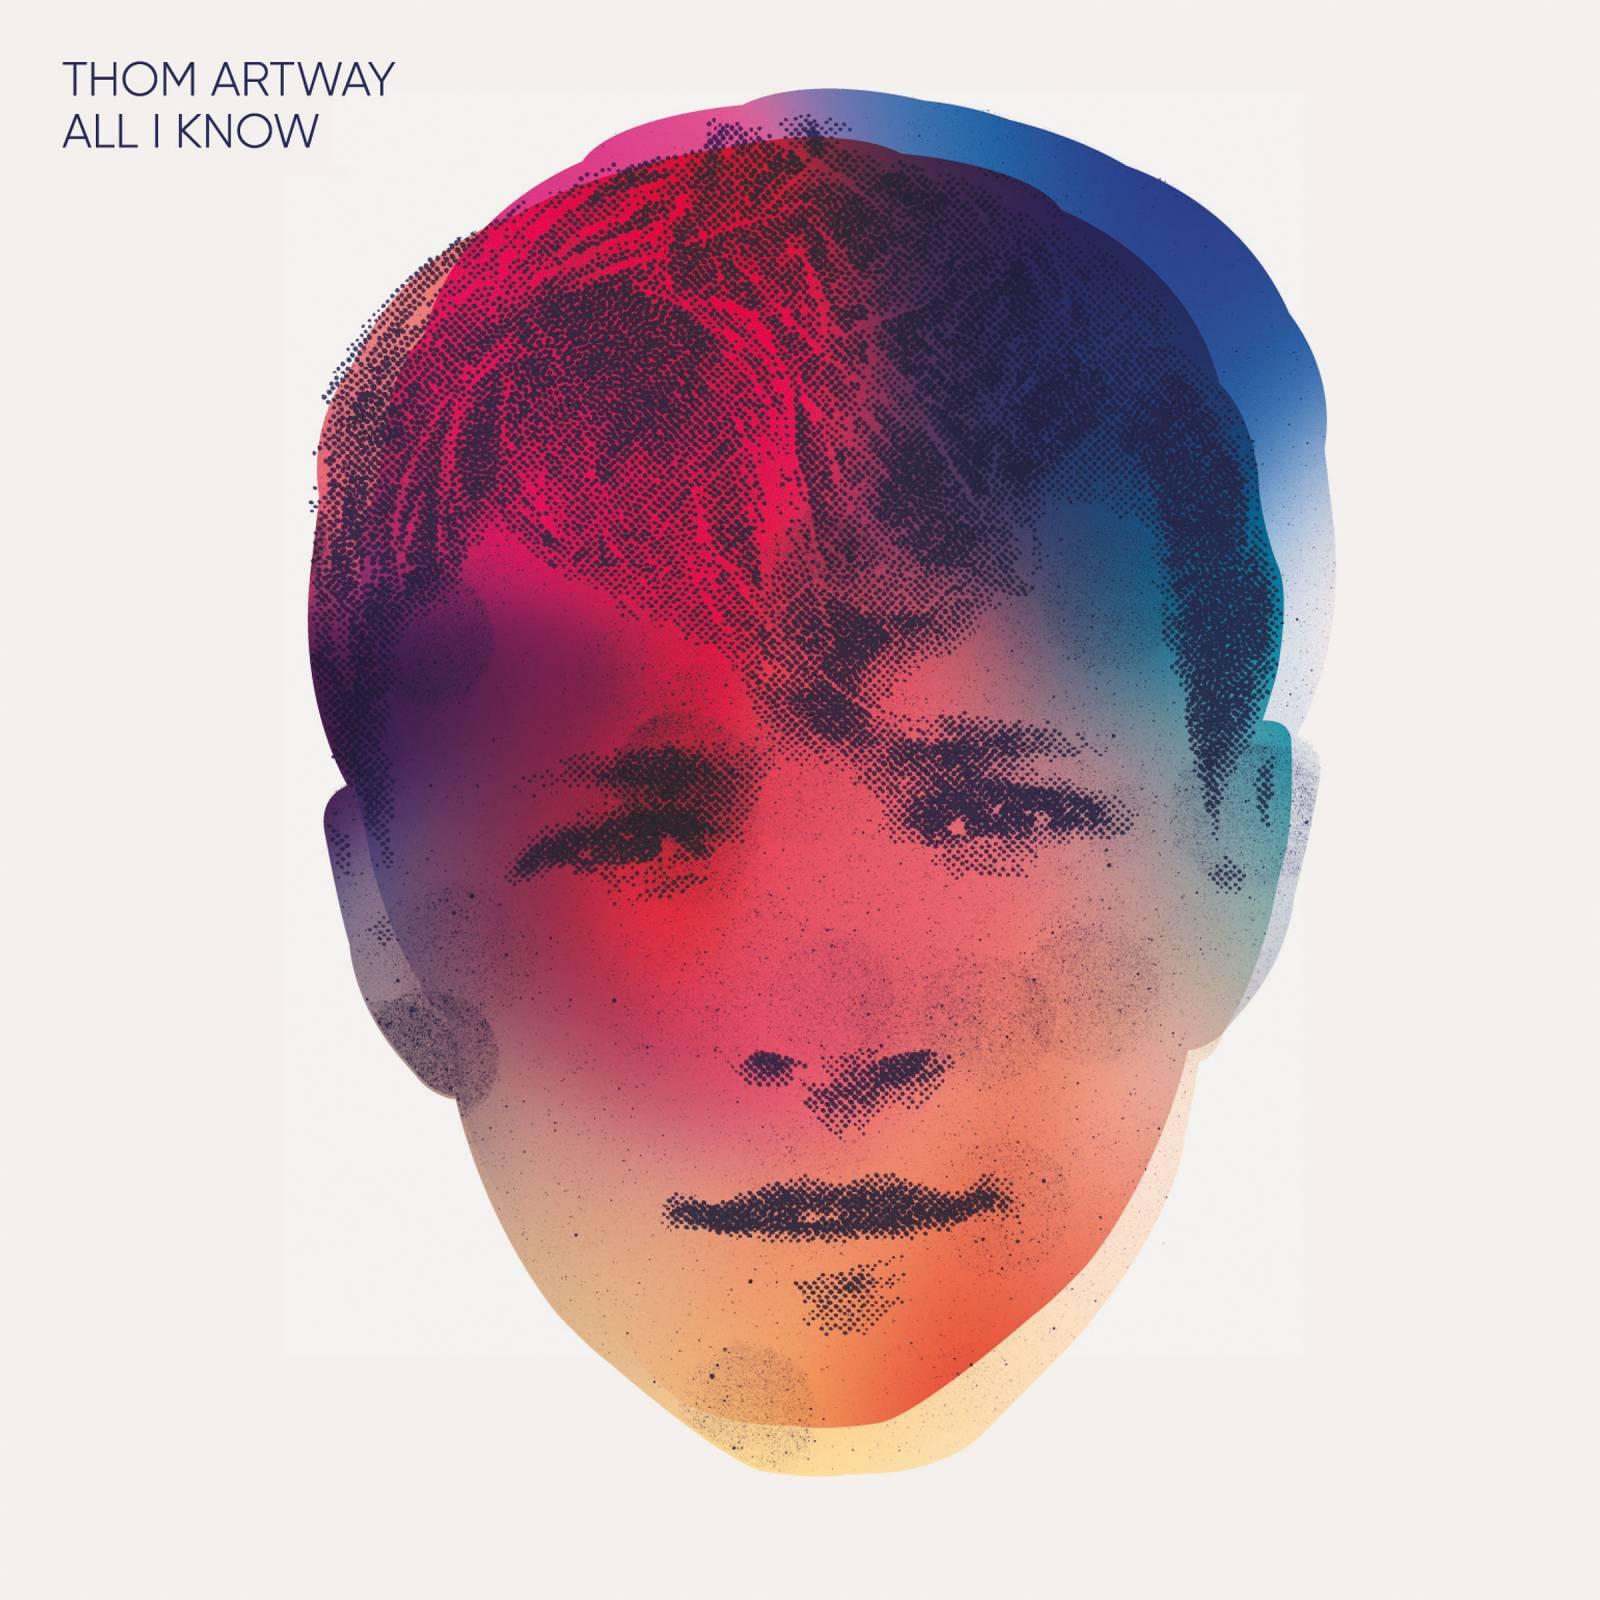 RECENZE: Thom Artway na All I Know překvapil elektronikou a potvrdil své kvality